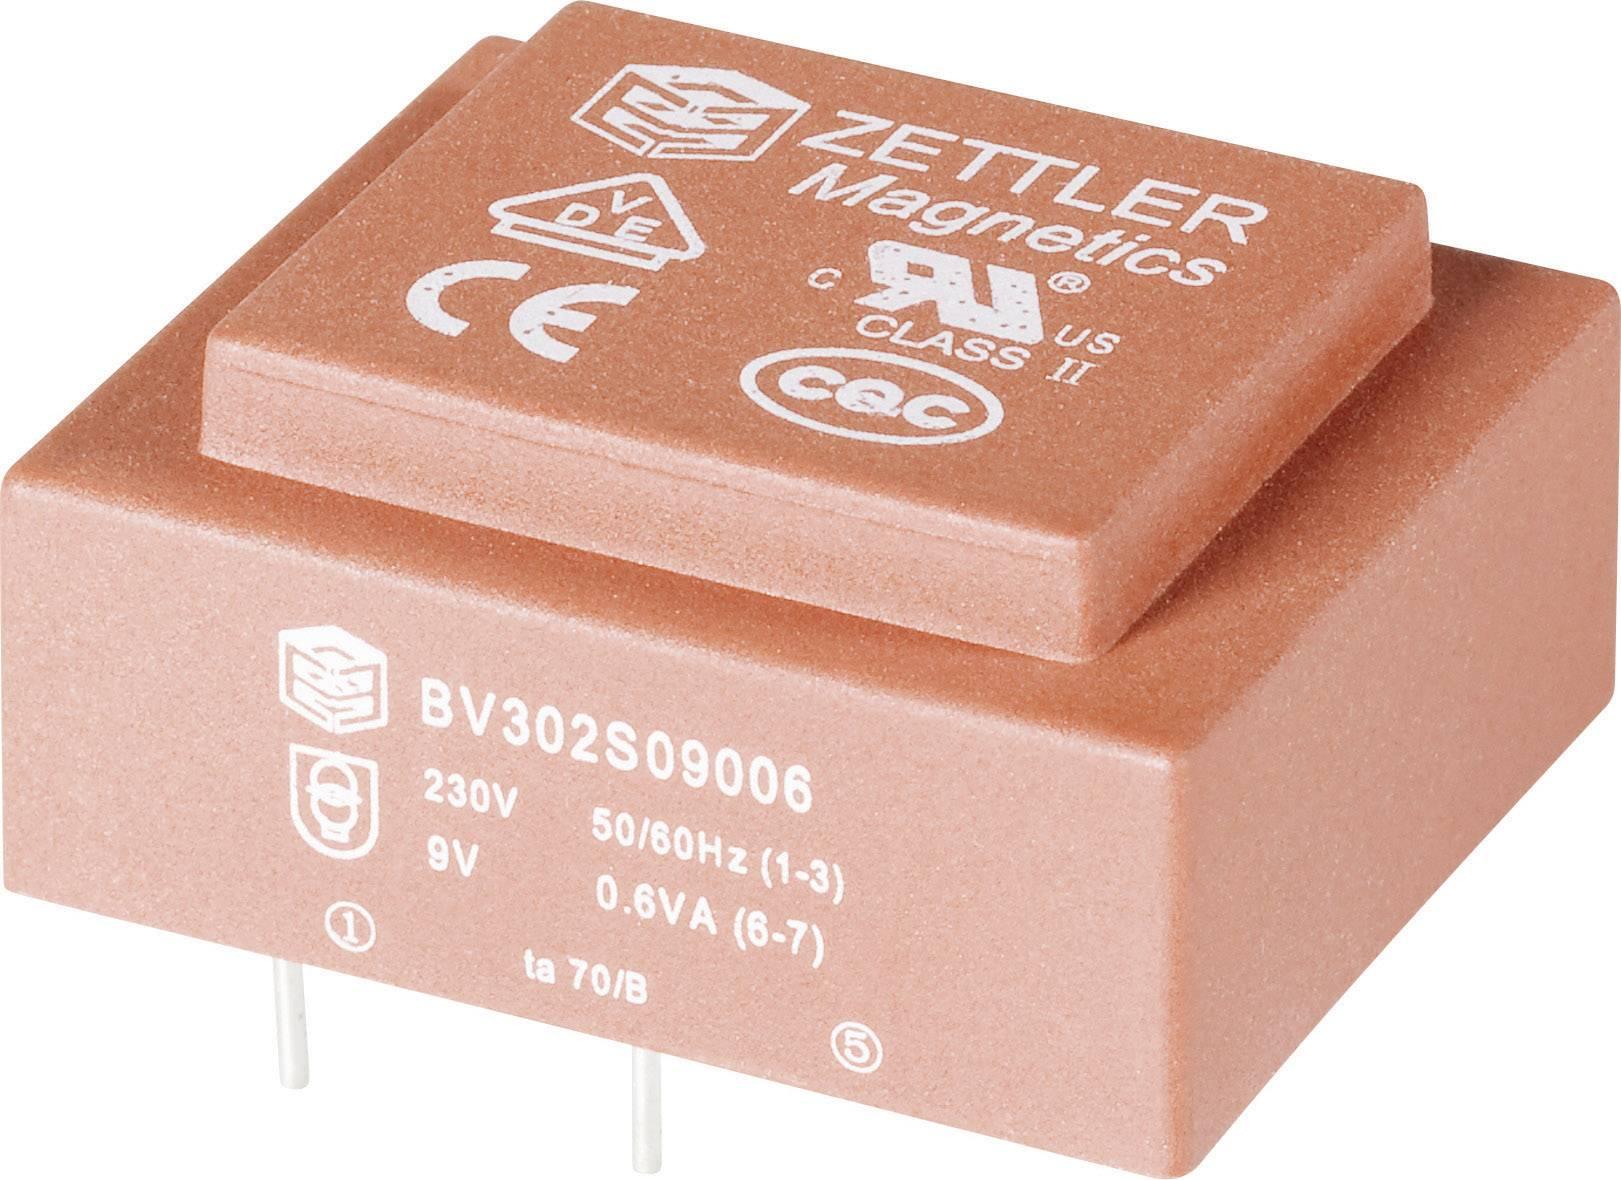 Transformátor do DPS Zettler Magnetics El30, 230 V/2x 9 V, 2x 33 mA, 1 VA